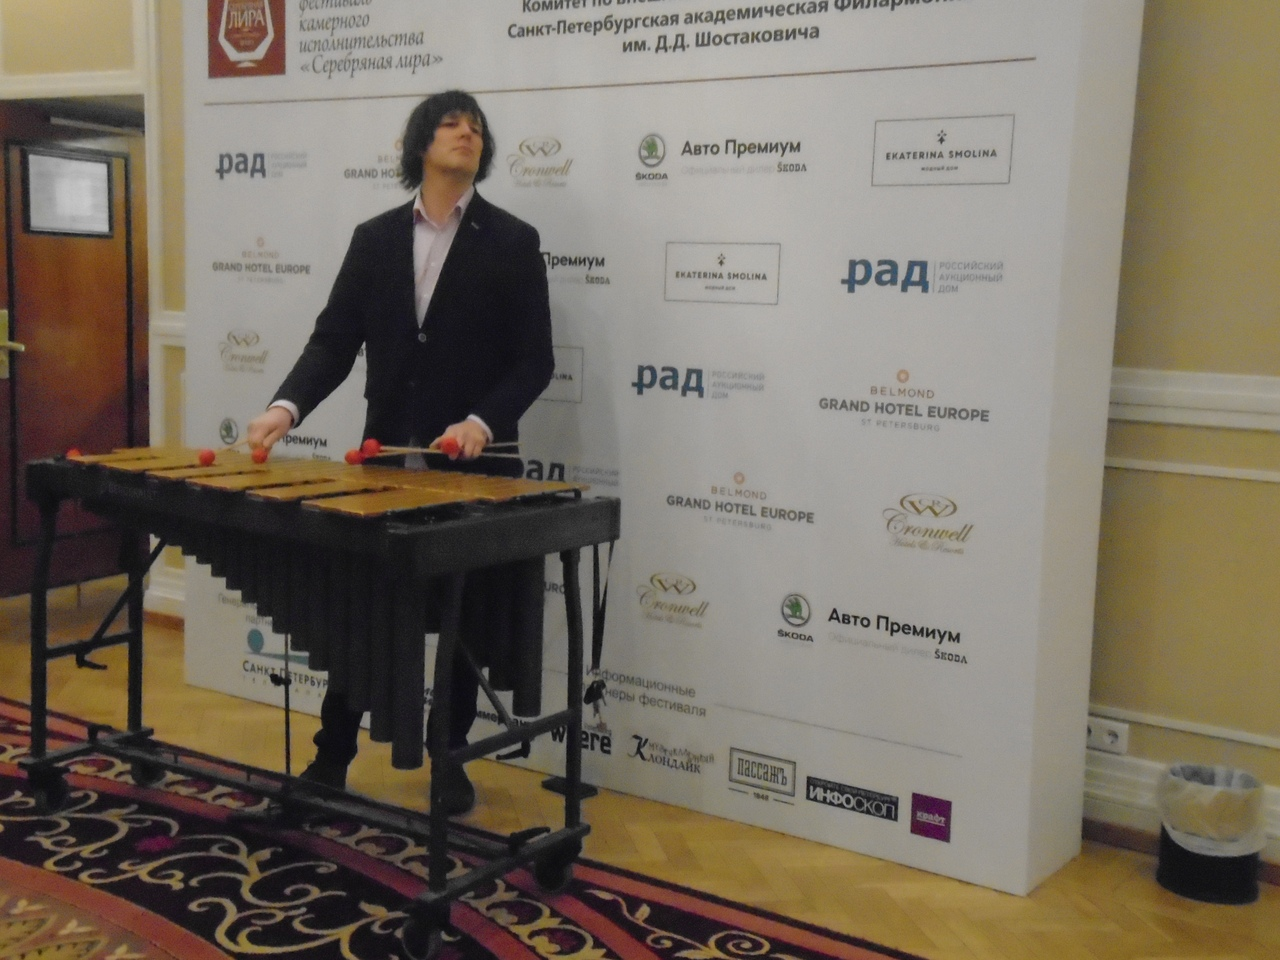 11-й Международный фестиваль камерного исполнительства.